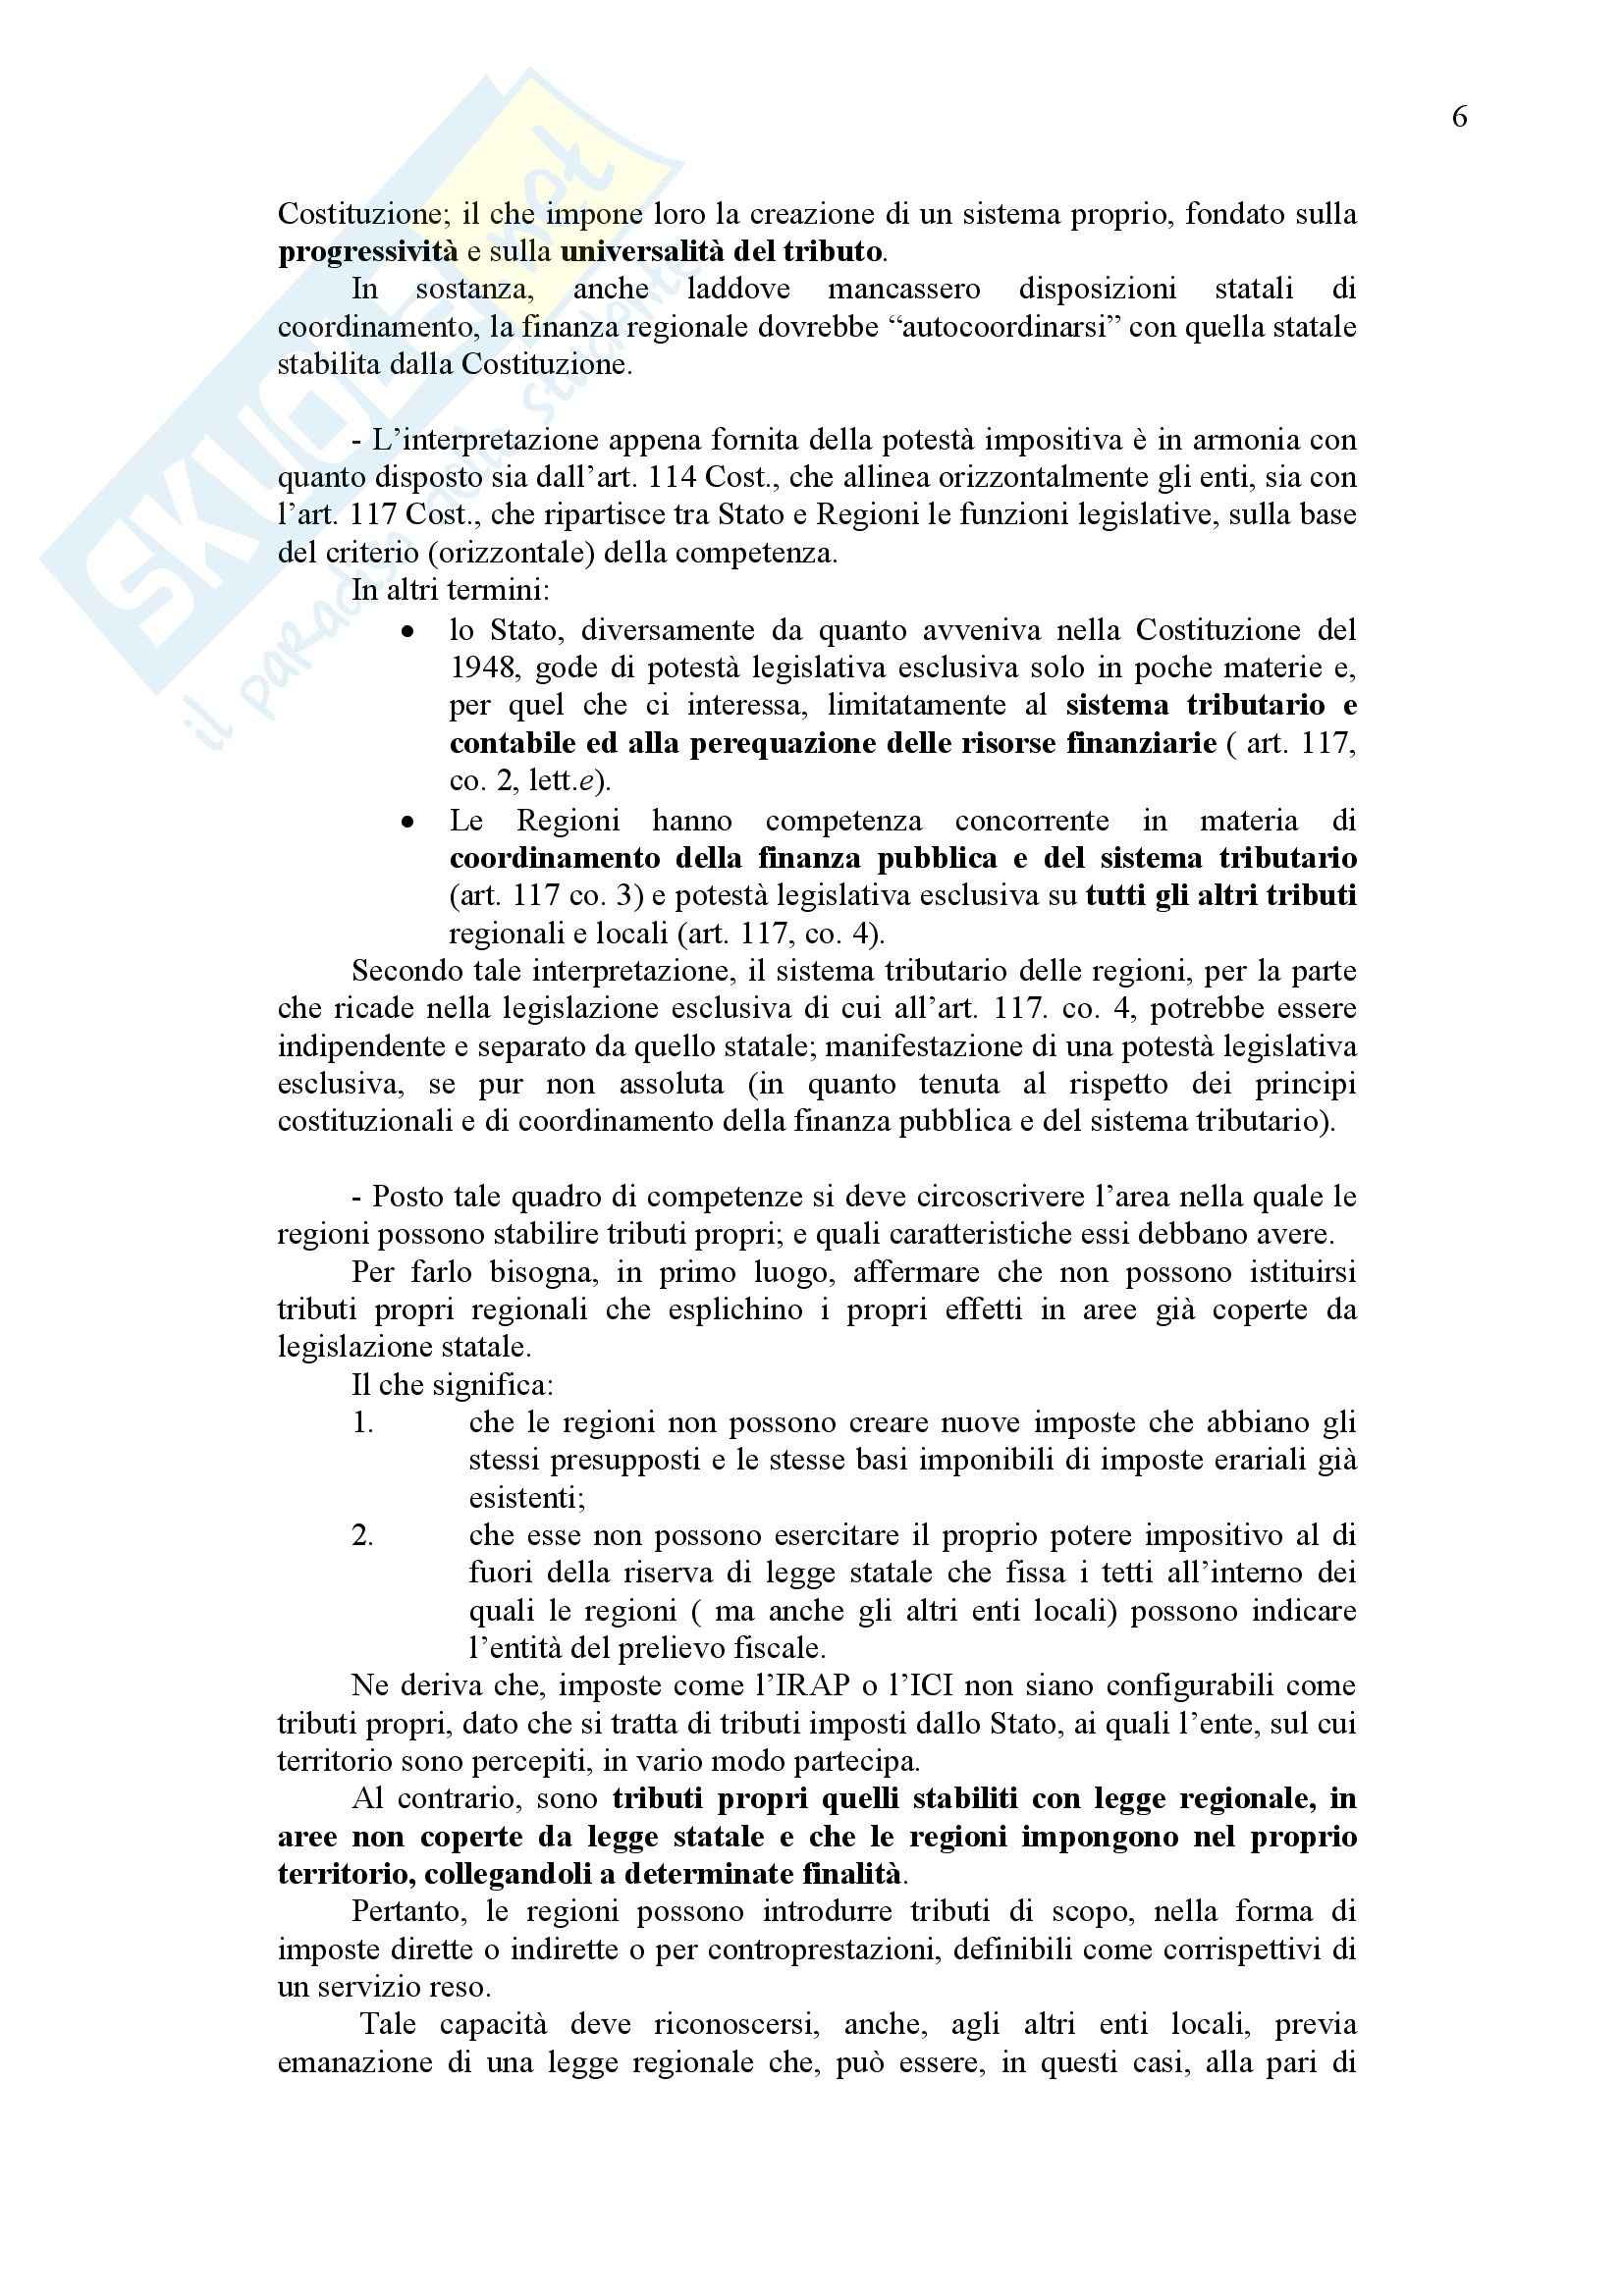 Diritto finanziario - La potestà finanziaria nella Costituzione Pag. 6